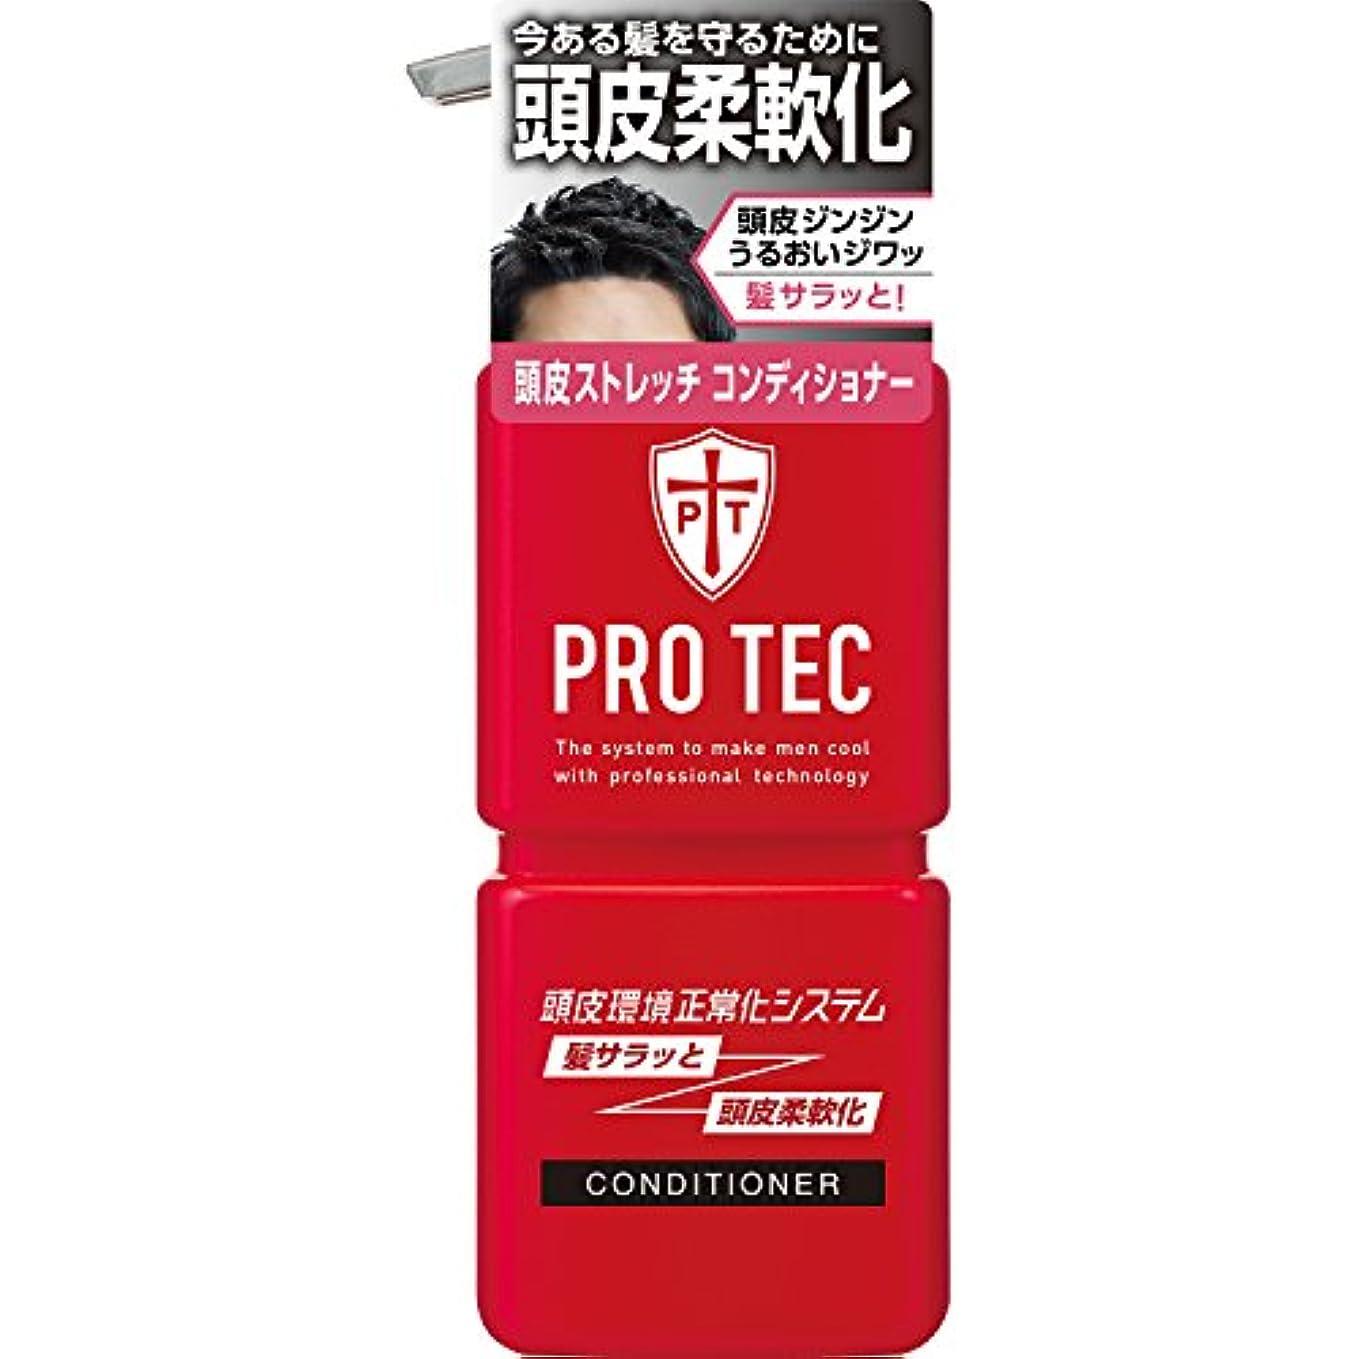 医薬品バース平野PRO TEC(プロテク) 頭皮ストレッチ コンディショナー 本体ポンプ 300g